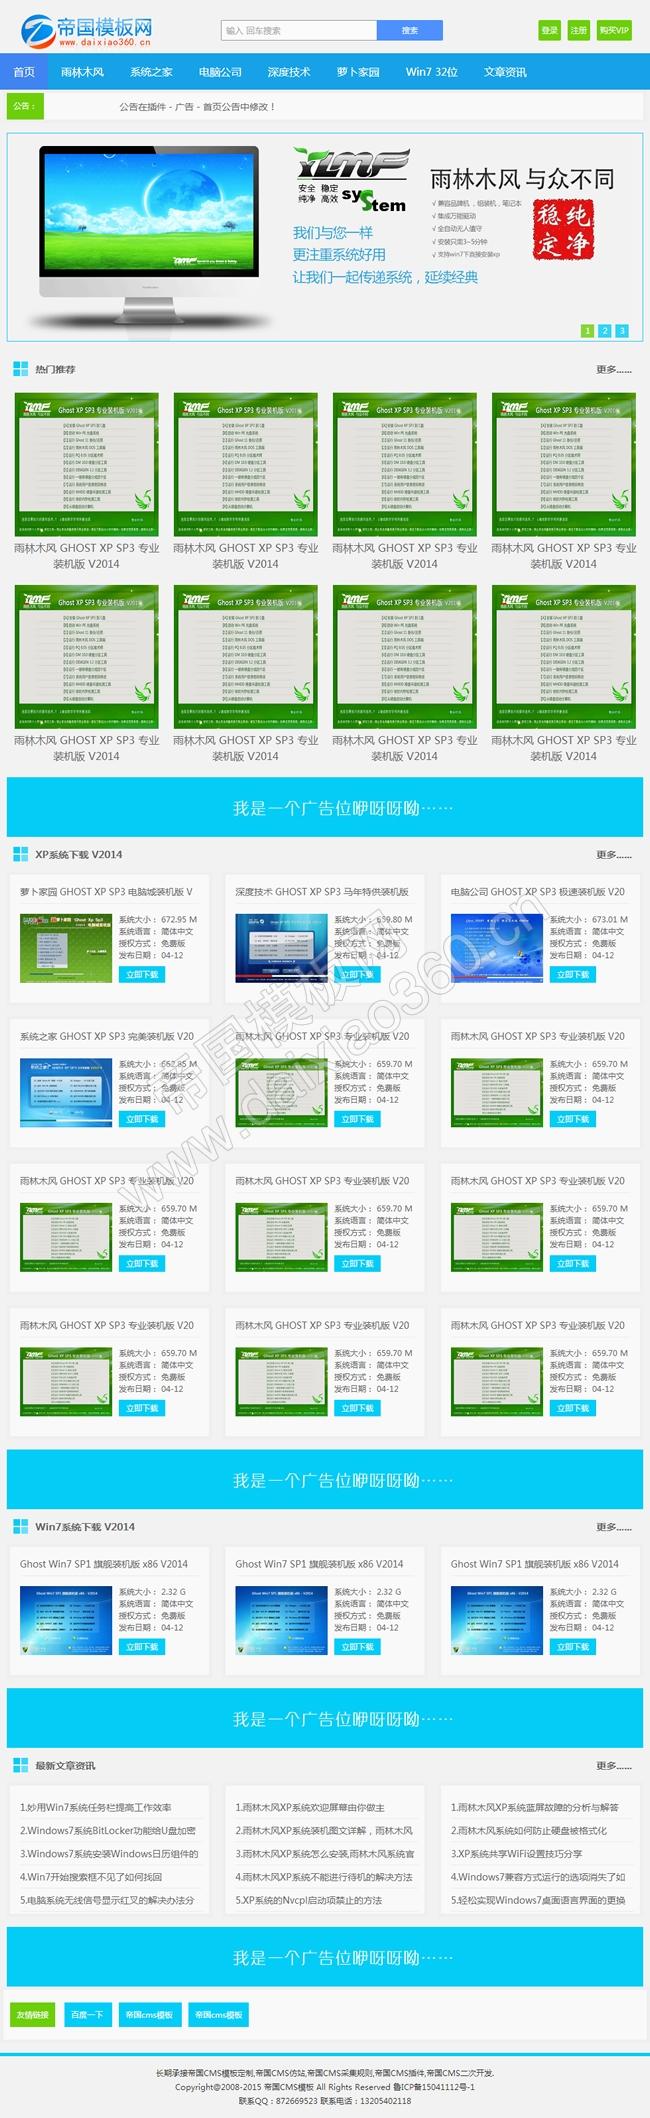 帝国cms蓝色电脑系统下载站源码加文章资讯模板_首页